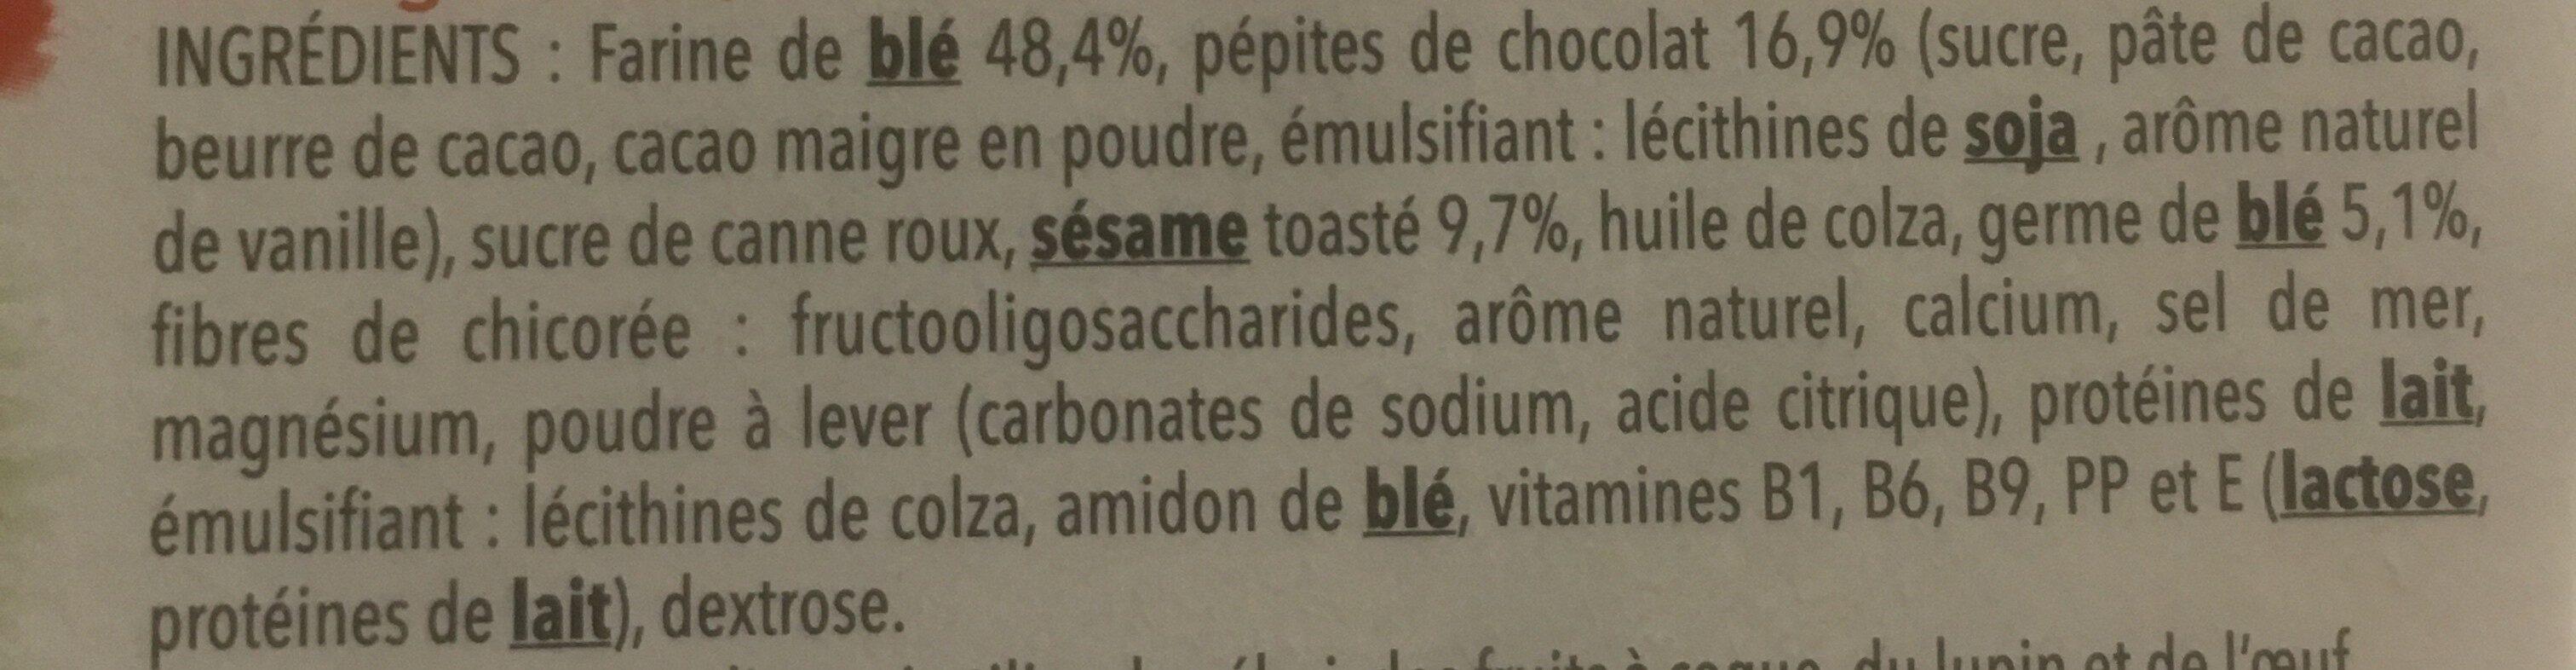 Biscuit Sésame chocolat - Ingrediënten - fr